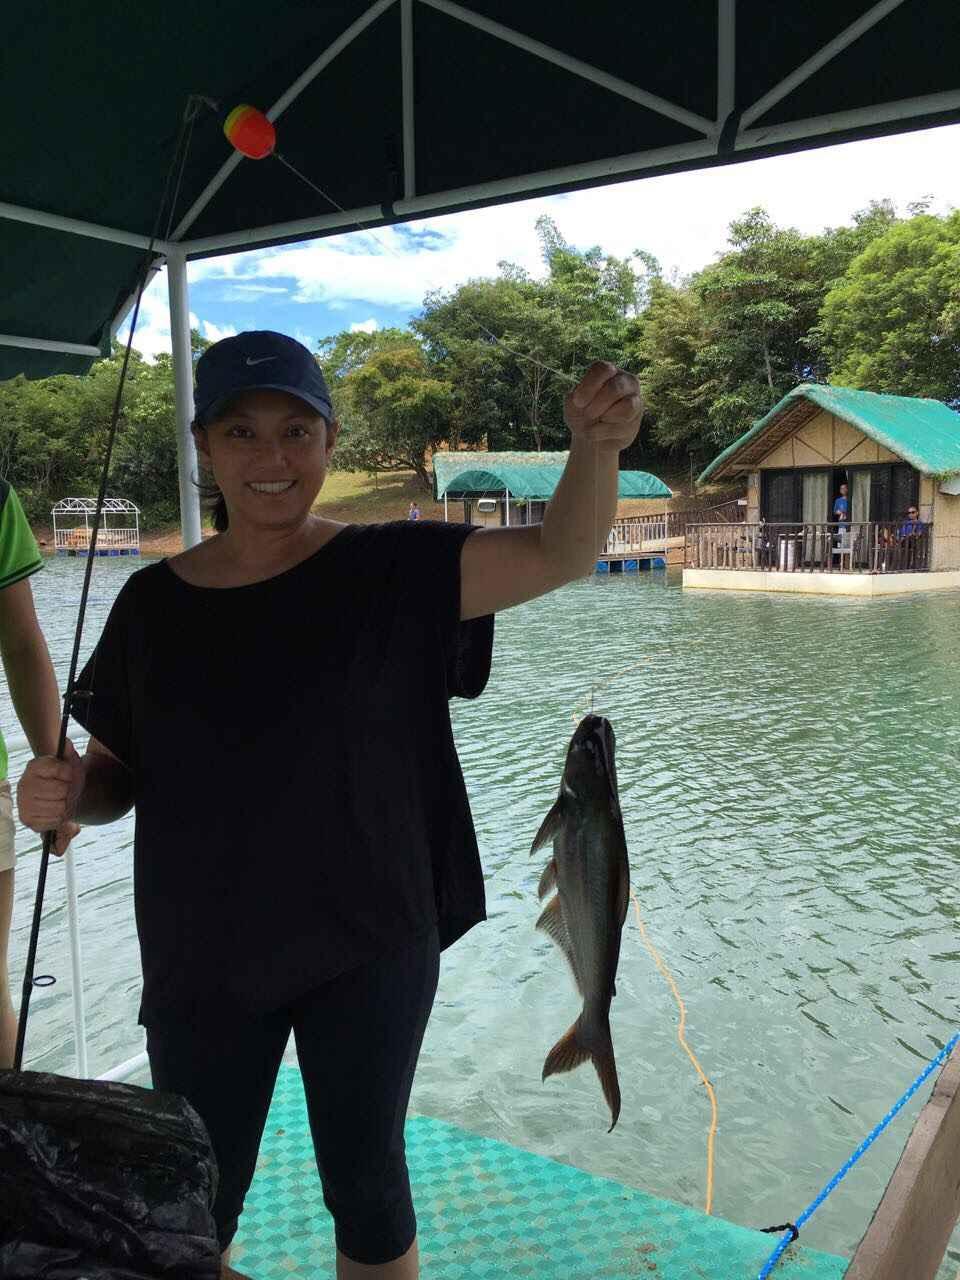 Caliraya_Springs_Golf_Fishing_Tournament-04.jpg